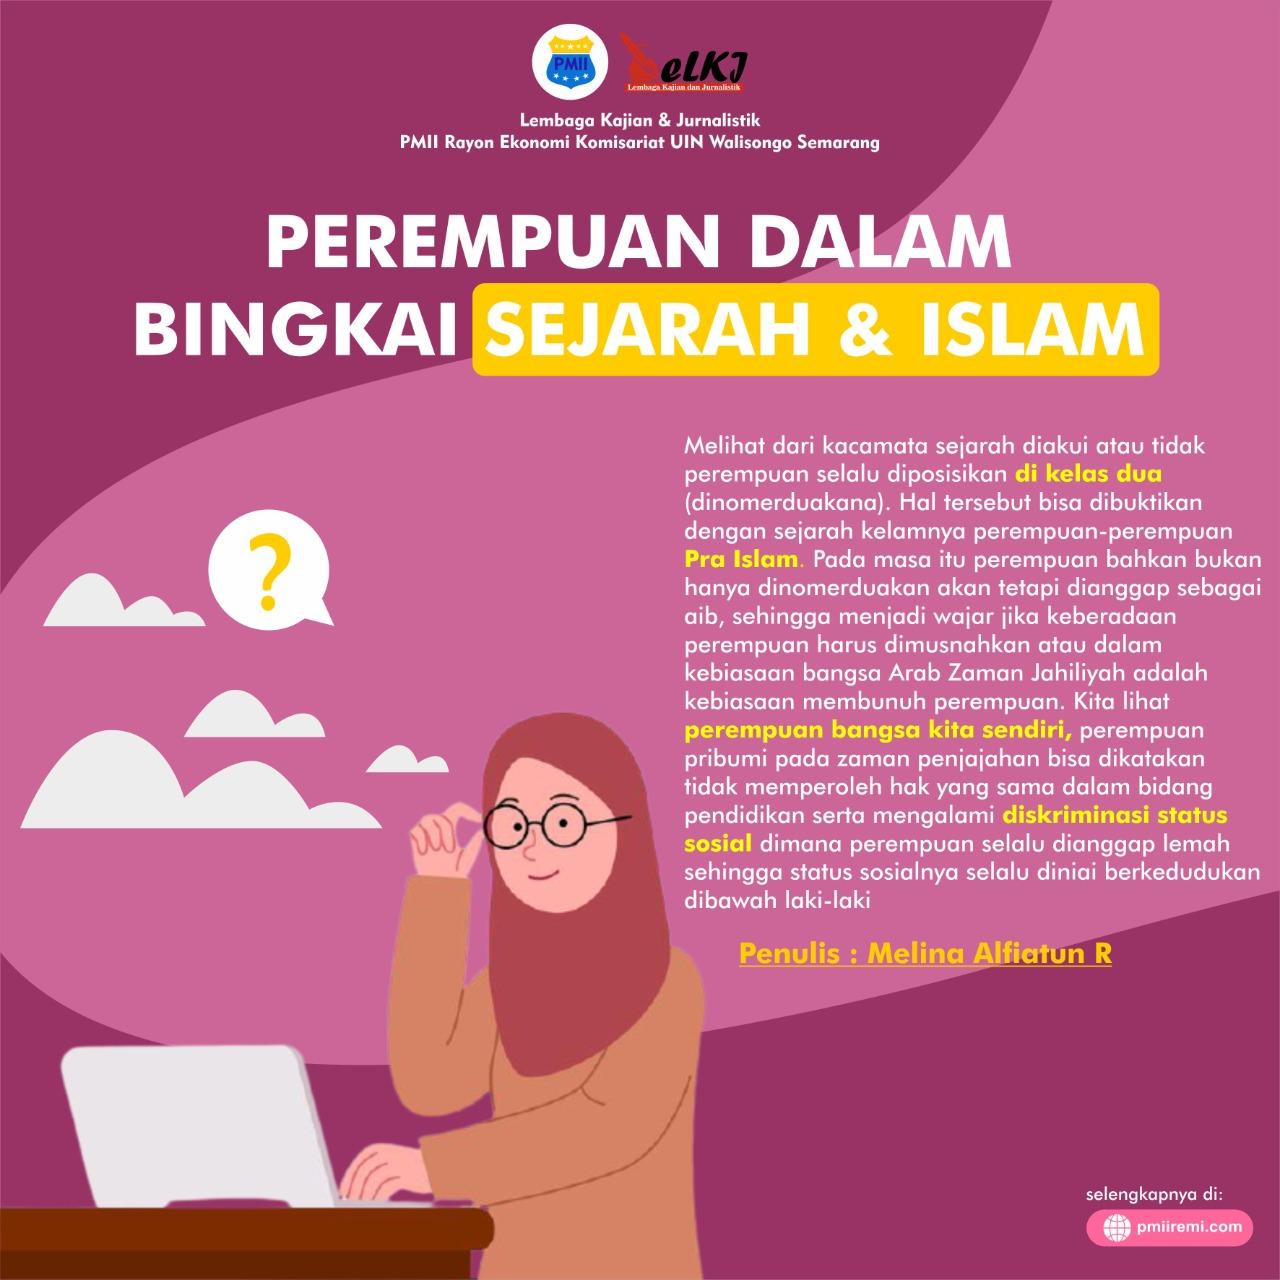 Perempuan dalam Bingkai Sejarah & Islam